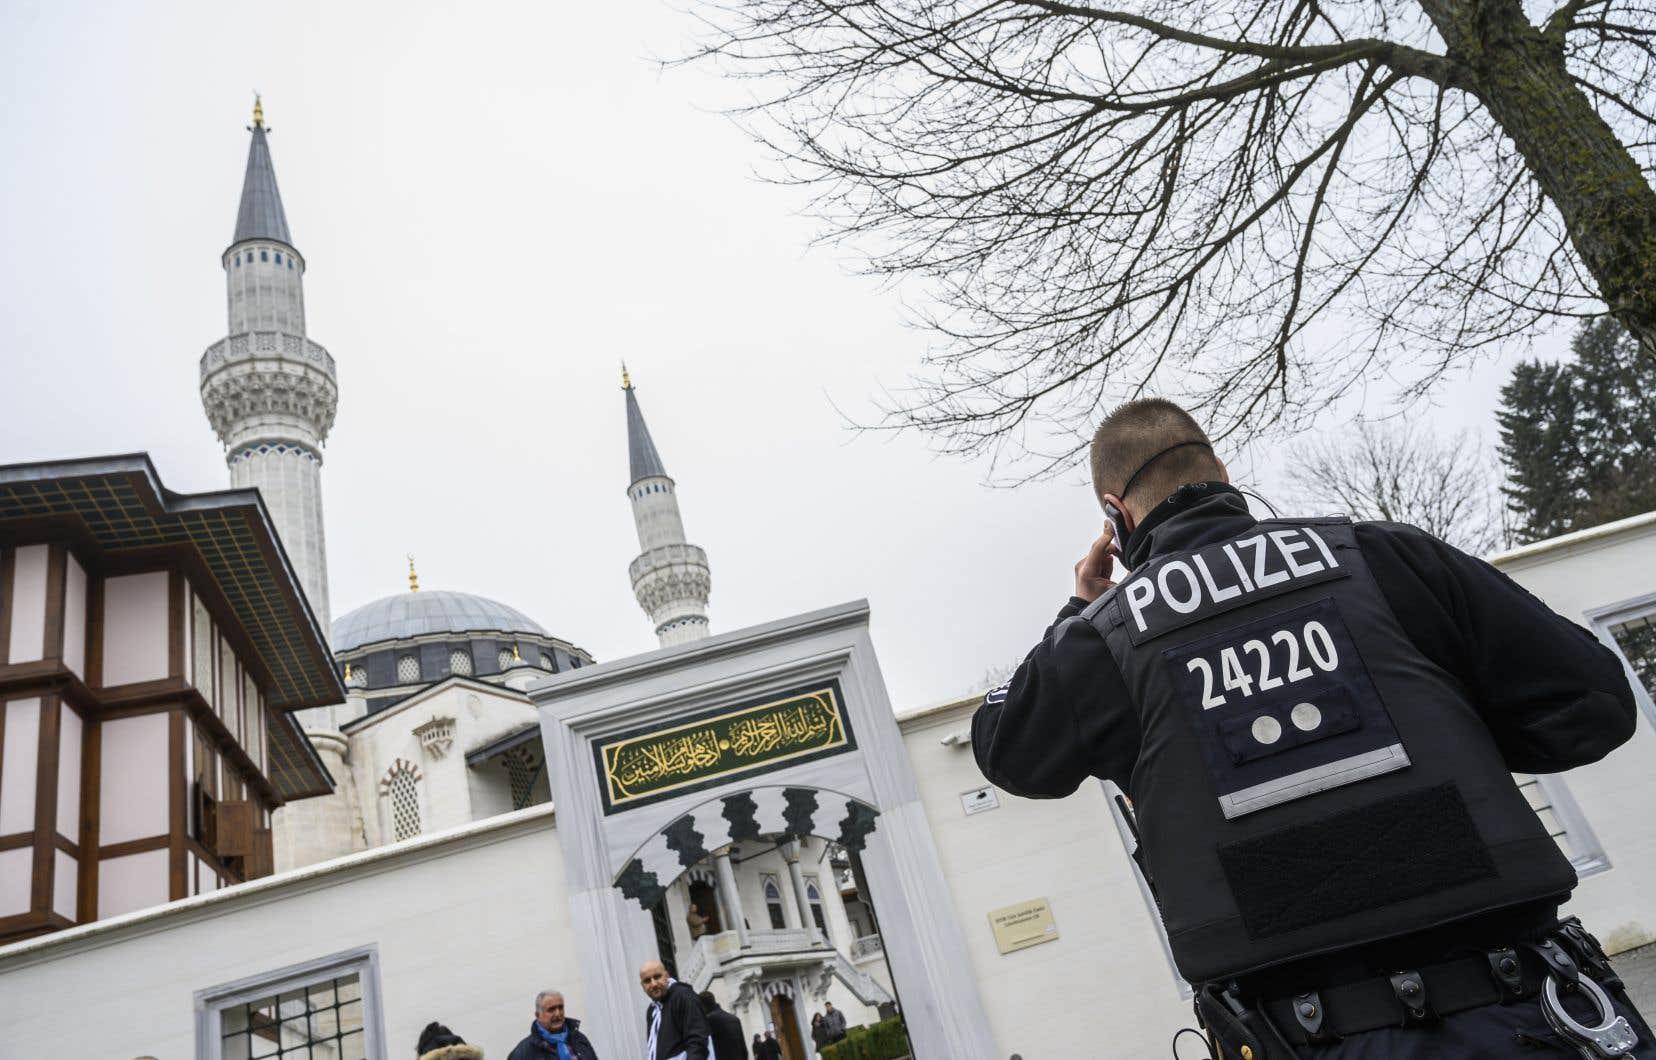 En mars 2019, après l'attentat de Christchurch en Nouvelle-Zélande, la sécurité avait été renforcée autour des mosquées d'Allemagne.